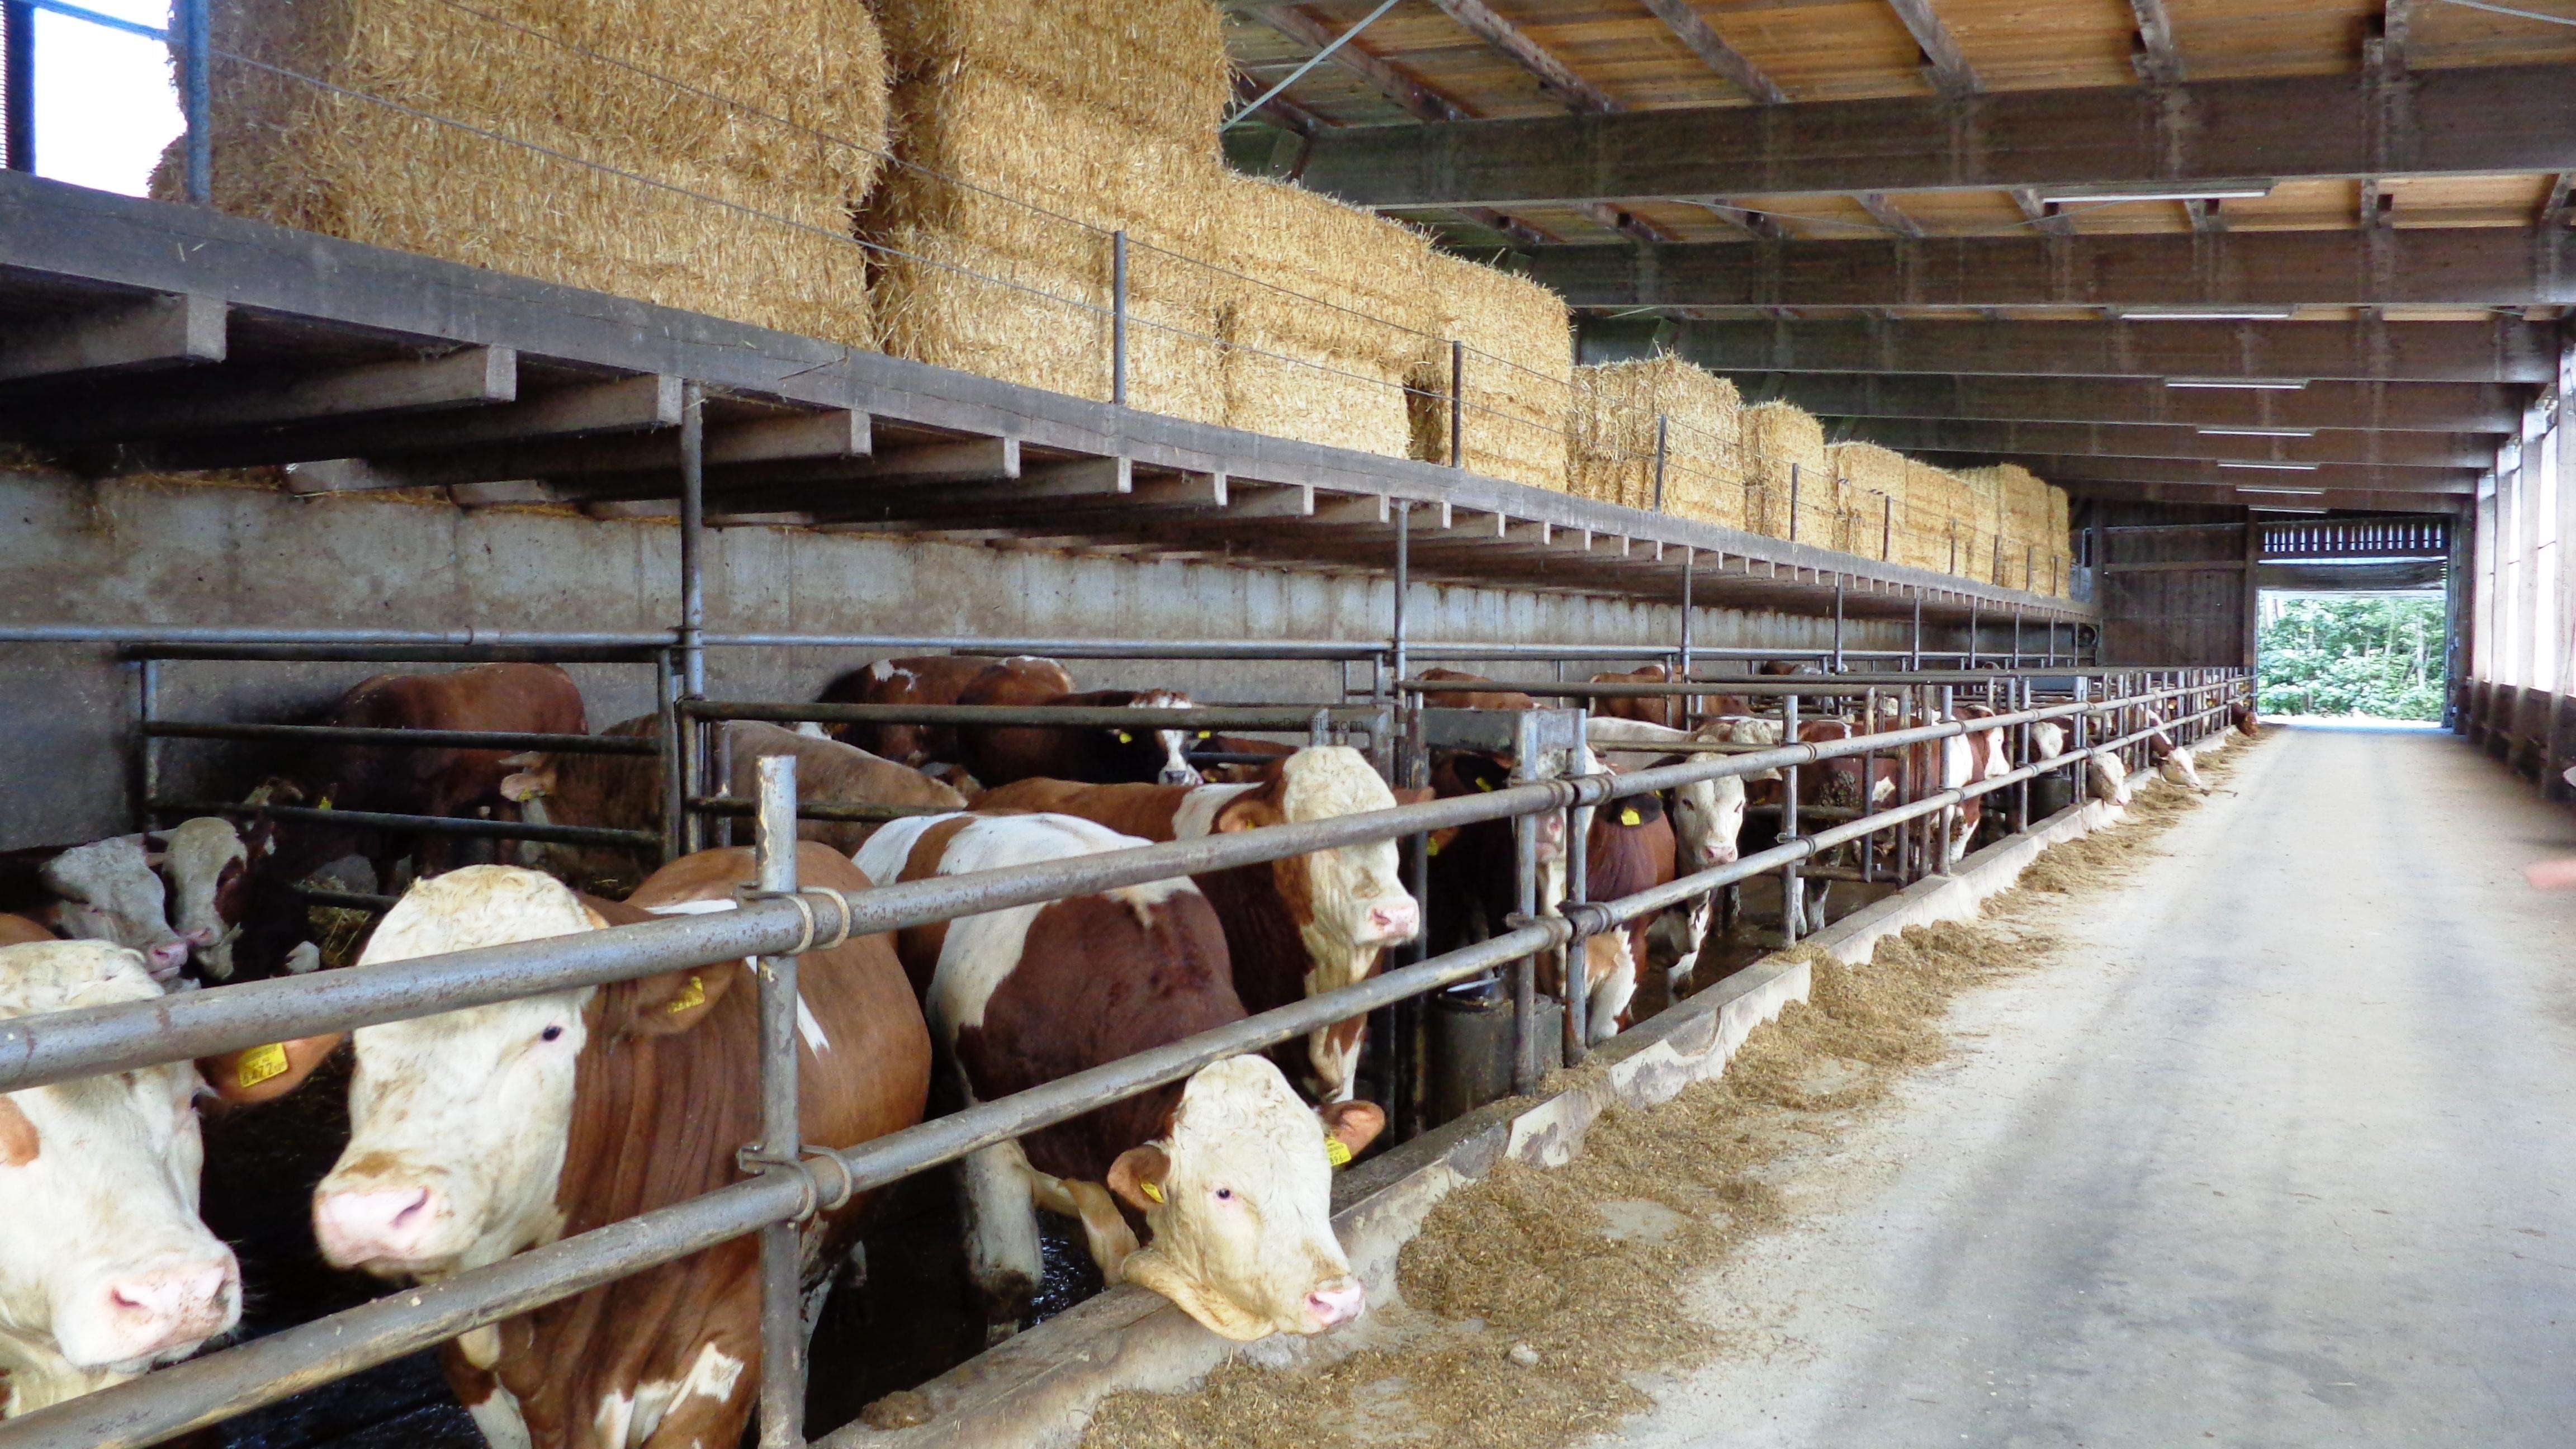 100 Başlık Süt Sığırcılığı Projesi İnşaat Yapım Kurulum Maliyeti Fiyatları 2017, 100 Başlık Süt Sığırcılığı Projesi İnşaat Yapım Kurulum Maliyeti 2017, 100 Başlık Süt Sığırcılığı Projesi İnşaat Yapım Kurulum Fiyatları 2017, 100 Başlık Süt Sığırcılığı Projesi İnşaat Yapım Maliyeti Fiyatları 2017, 100 Başlık Süt Sığırcılığı Projesi İnşaat Kurulum Maliyeti Fiyatları 2017, 100 Başlık Süt Sığırcılığı Projesi Yapım Kurulum Maliyeti Fiyatları 2017, Süt Sığırcılığı İnşaat Yapım Kurulum Maliyeti Fiyatları 2017, Süt Sığırcılığı Projesi İnşaat Kurulum Maliyeti Fiyatları 2017,   süt çiftliği kurulum maliyeti, 50 başlık süt sığırcılığı projesi maliyeti, 100 başlık süt sığırcılığı projesi maliyeti, 10 başlık süt sığırcılığı projesi maliyeti, 20 başlık ahır maliyeti, 100 başlık süt sığırcılığı projesi maliyeti 2017, 30 başlık ahır maliyeti, büyükbaş hayvan çiftliği devlet desteği, büyükbaş hayvan çiftliği satılık,